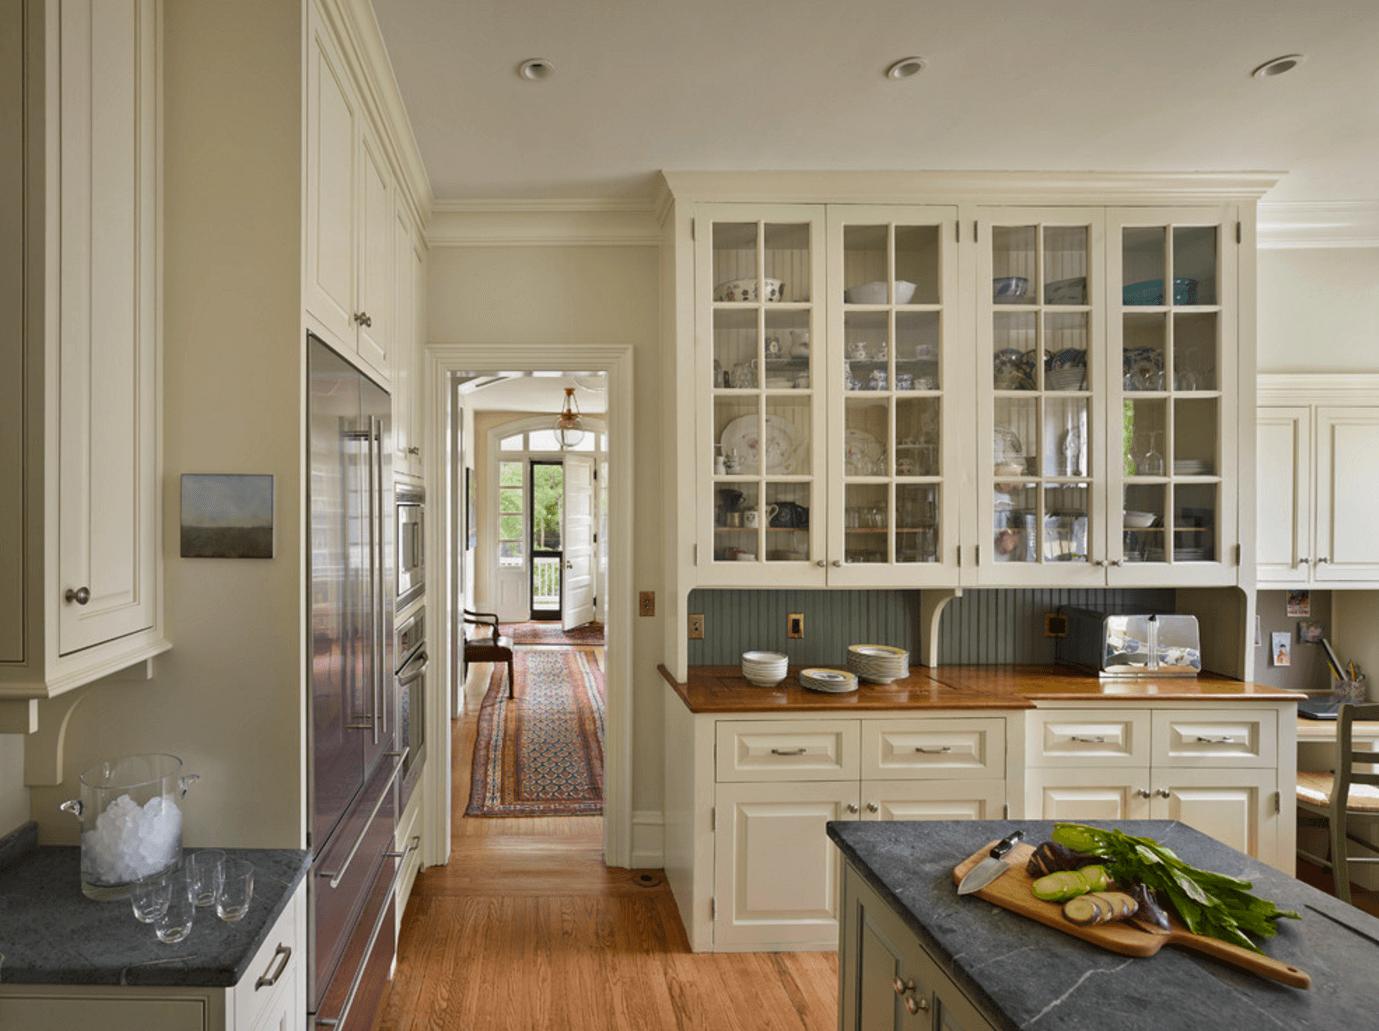 Идея дизайна фартука на кухню. Использование пластиковых панелей - фото 4